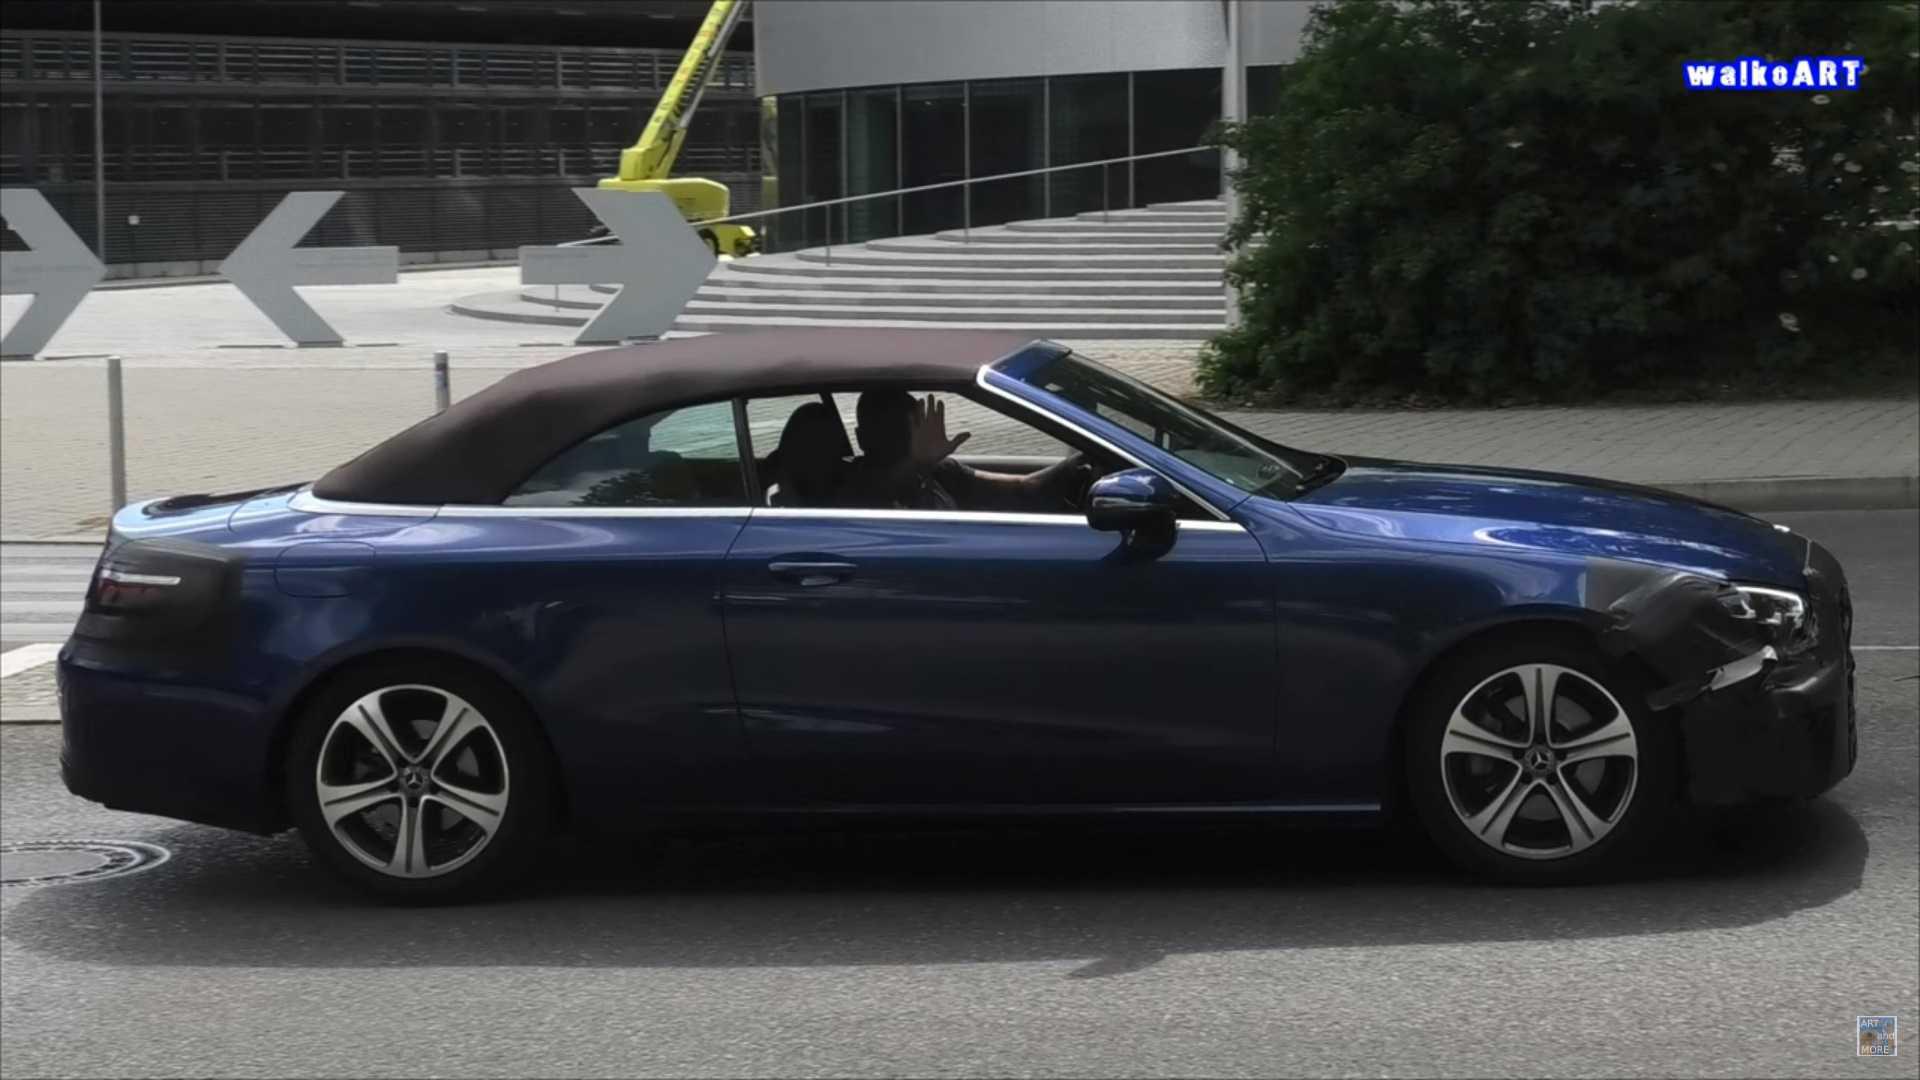 Mercedes-Benz E-Class mui trần lần đầu lộ diện trên đường phố-1